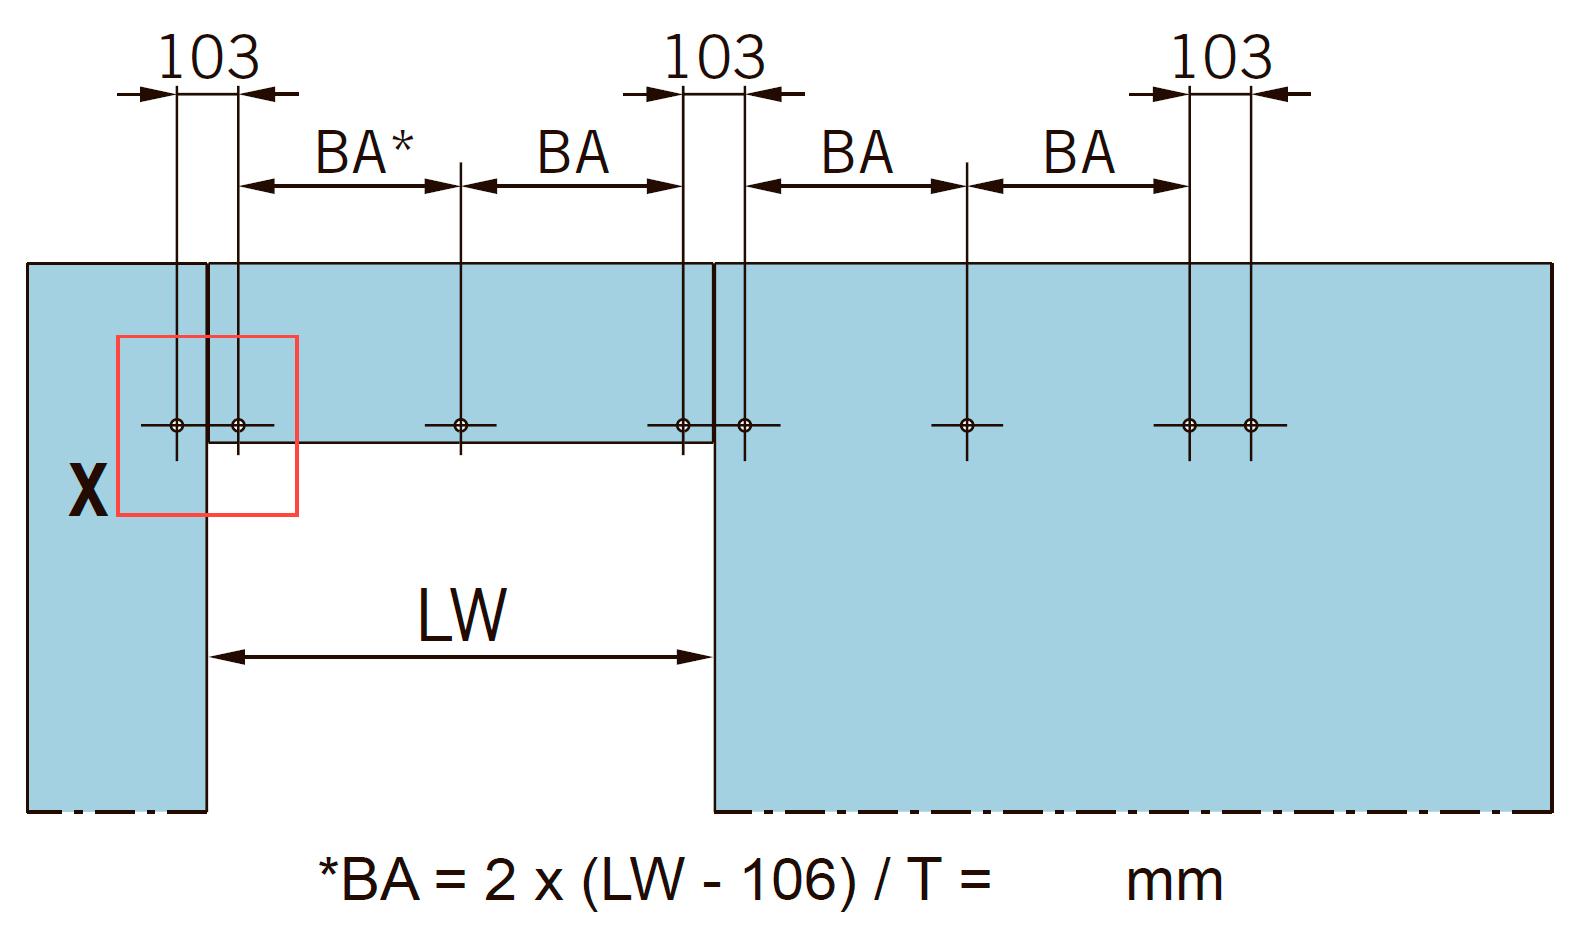 Общее количество отверстий (AB) зависит от ширины проема в чистоте (LW) и определяет конечное расстояние между отверстиями (BA).